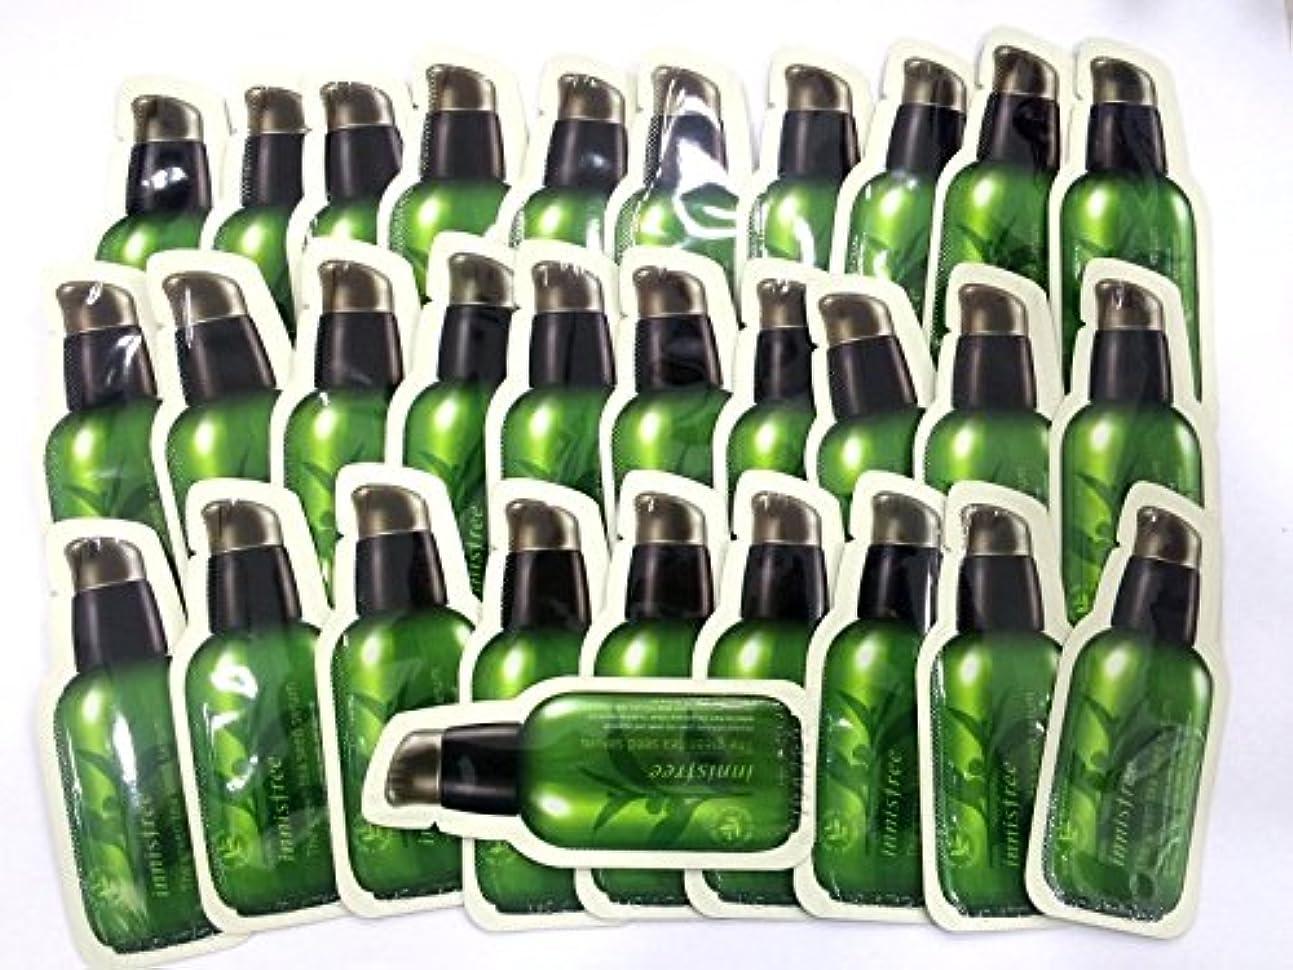 小麦粉絶望時々時々イニスフリー[Innsfree]グリーンティーシードセラム[the Green Tea Seed serum] 1ml x30pcs, [海外直送品][並行輸入品]